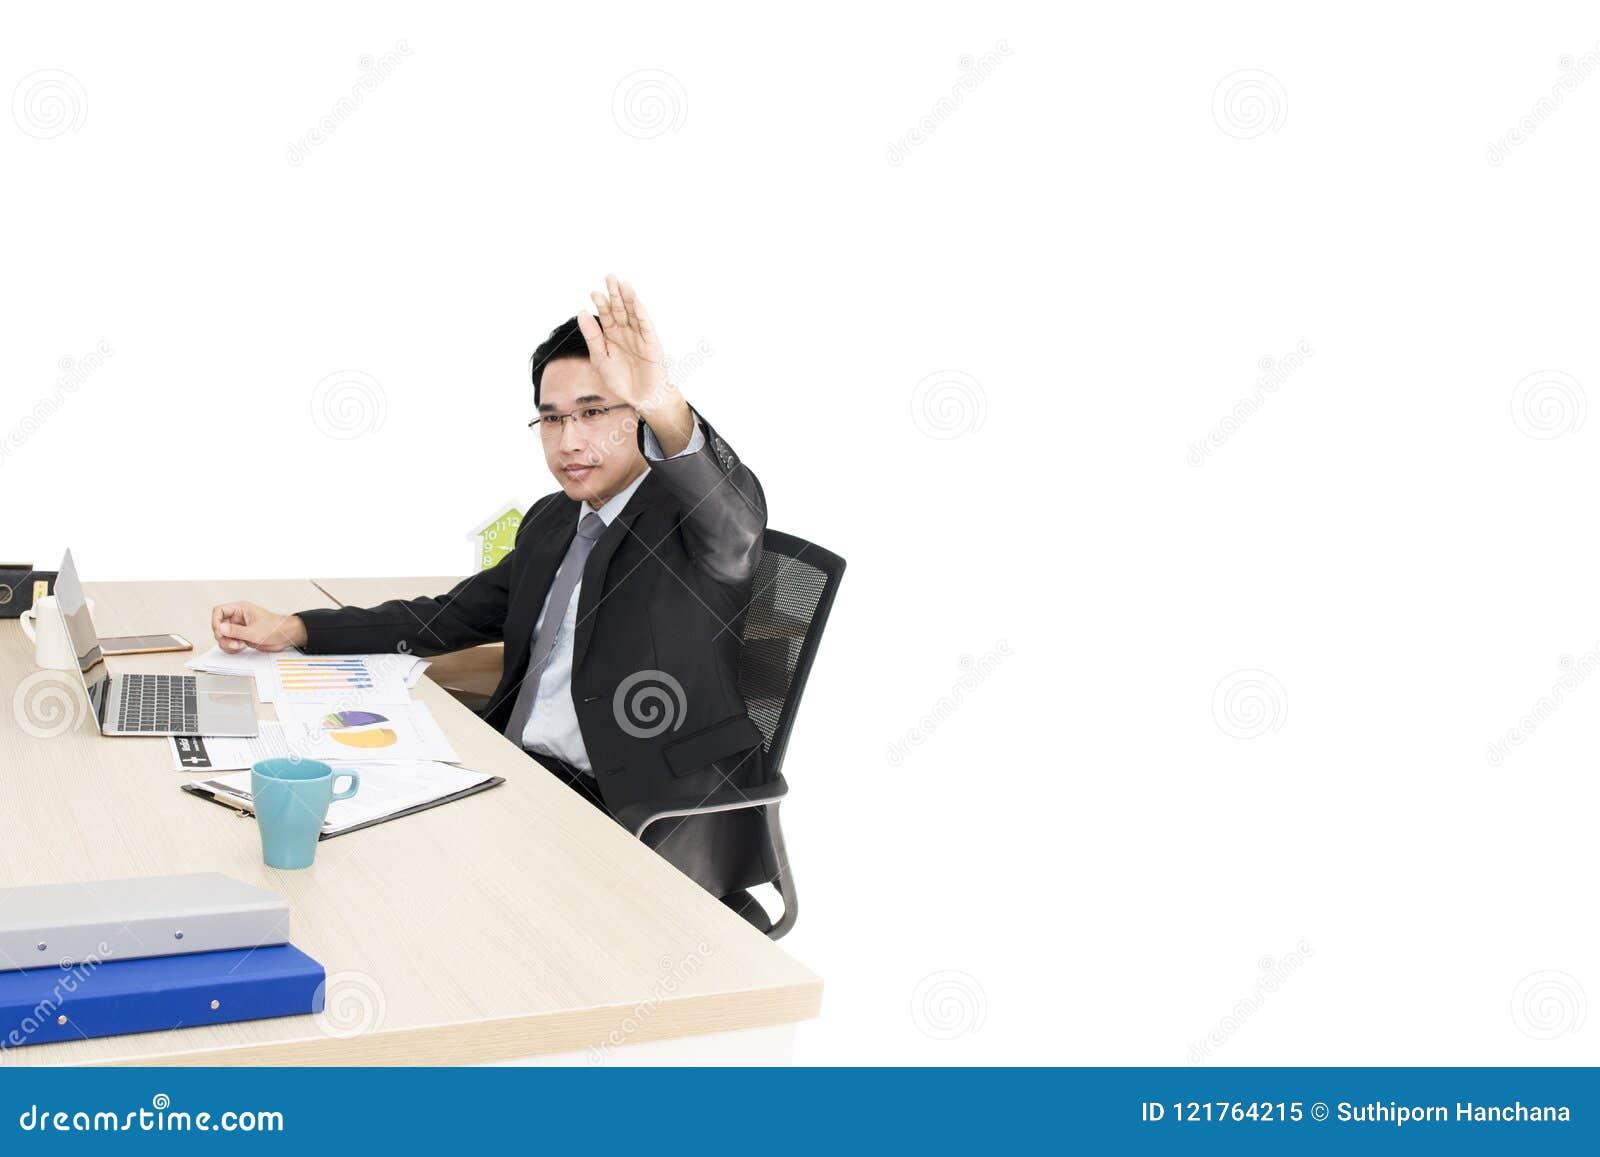 年轻商人与膝上型计算机和办公用品一起使用